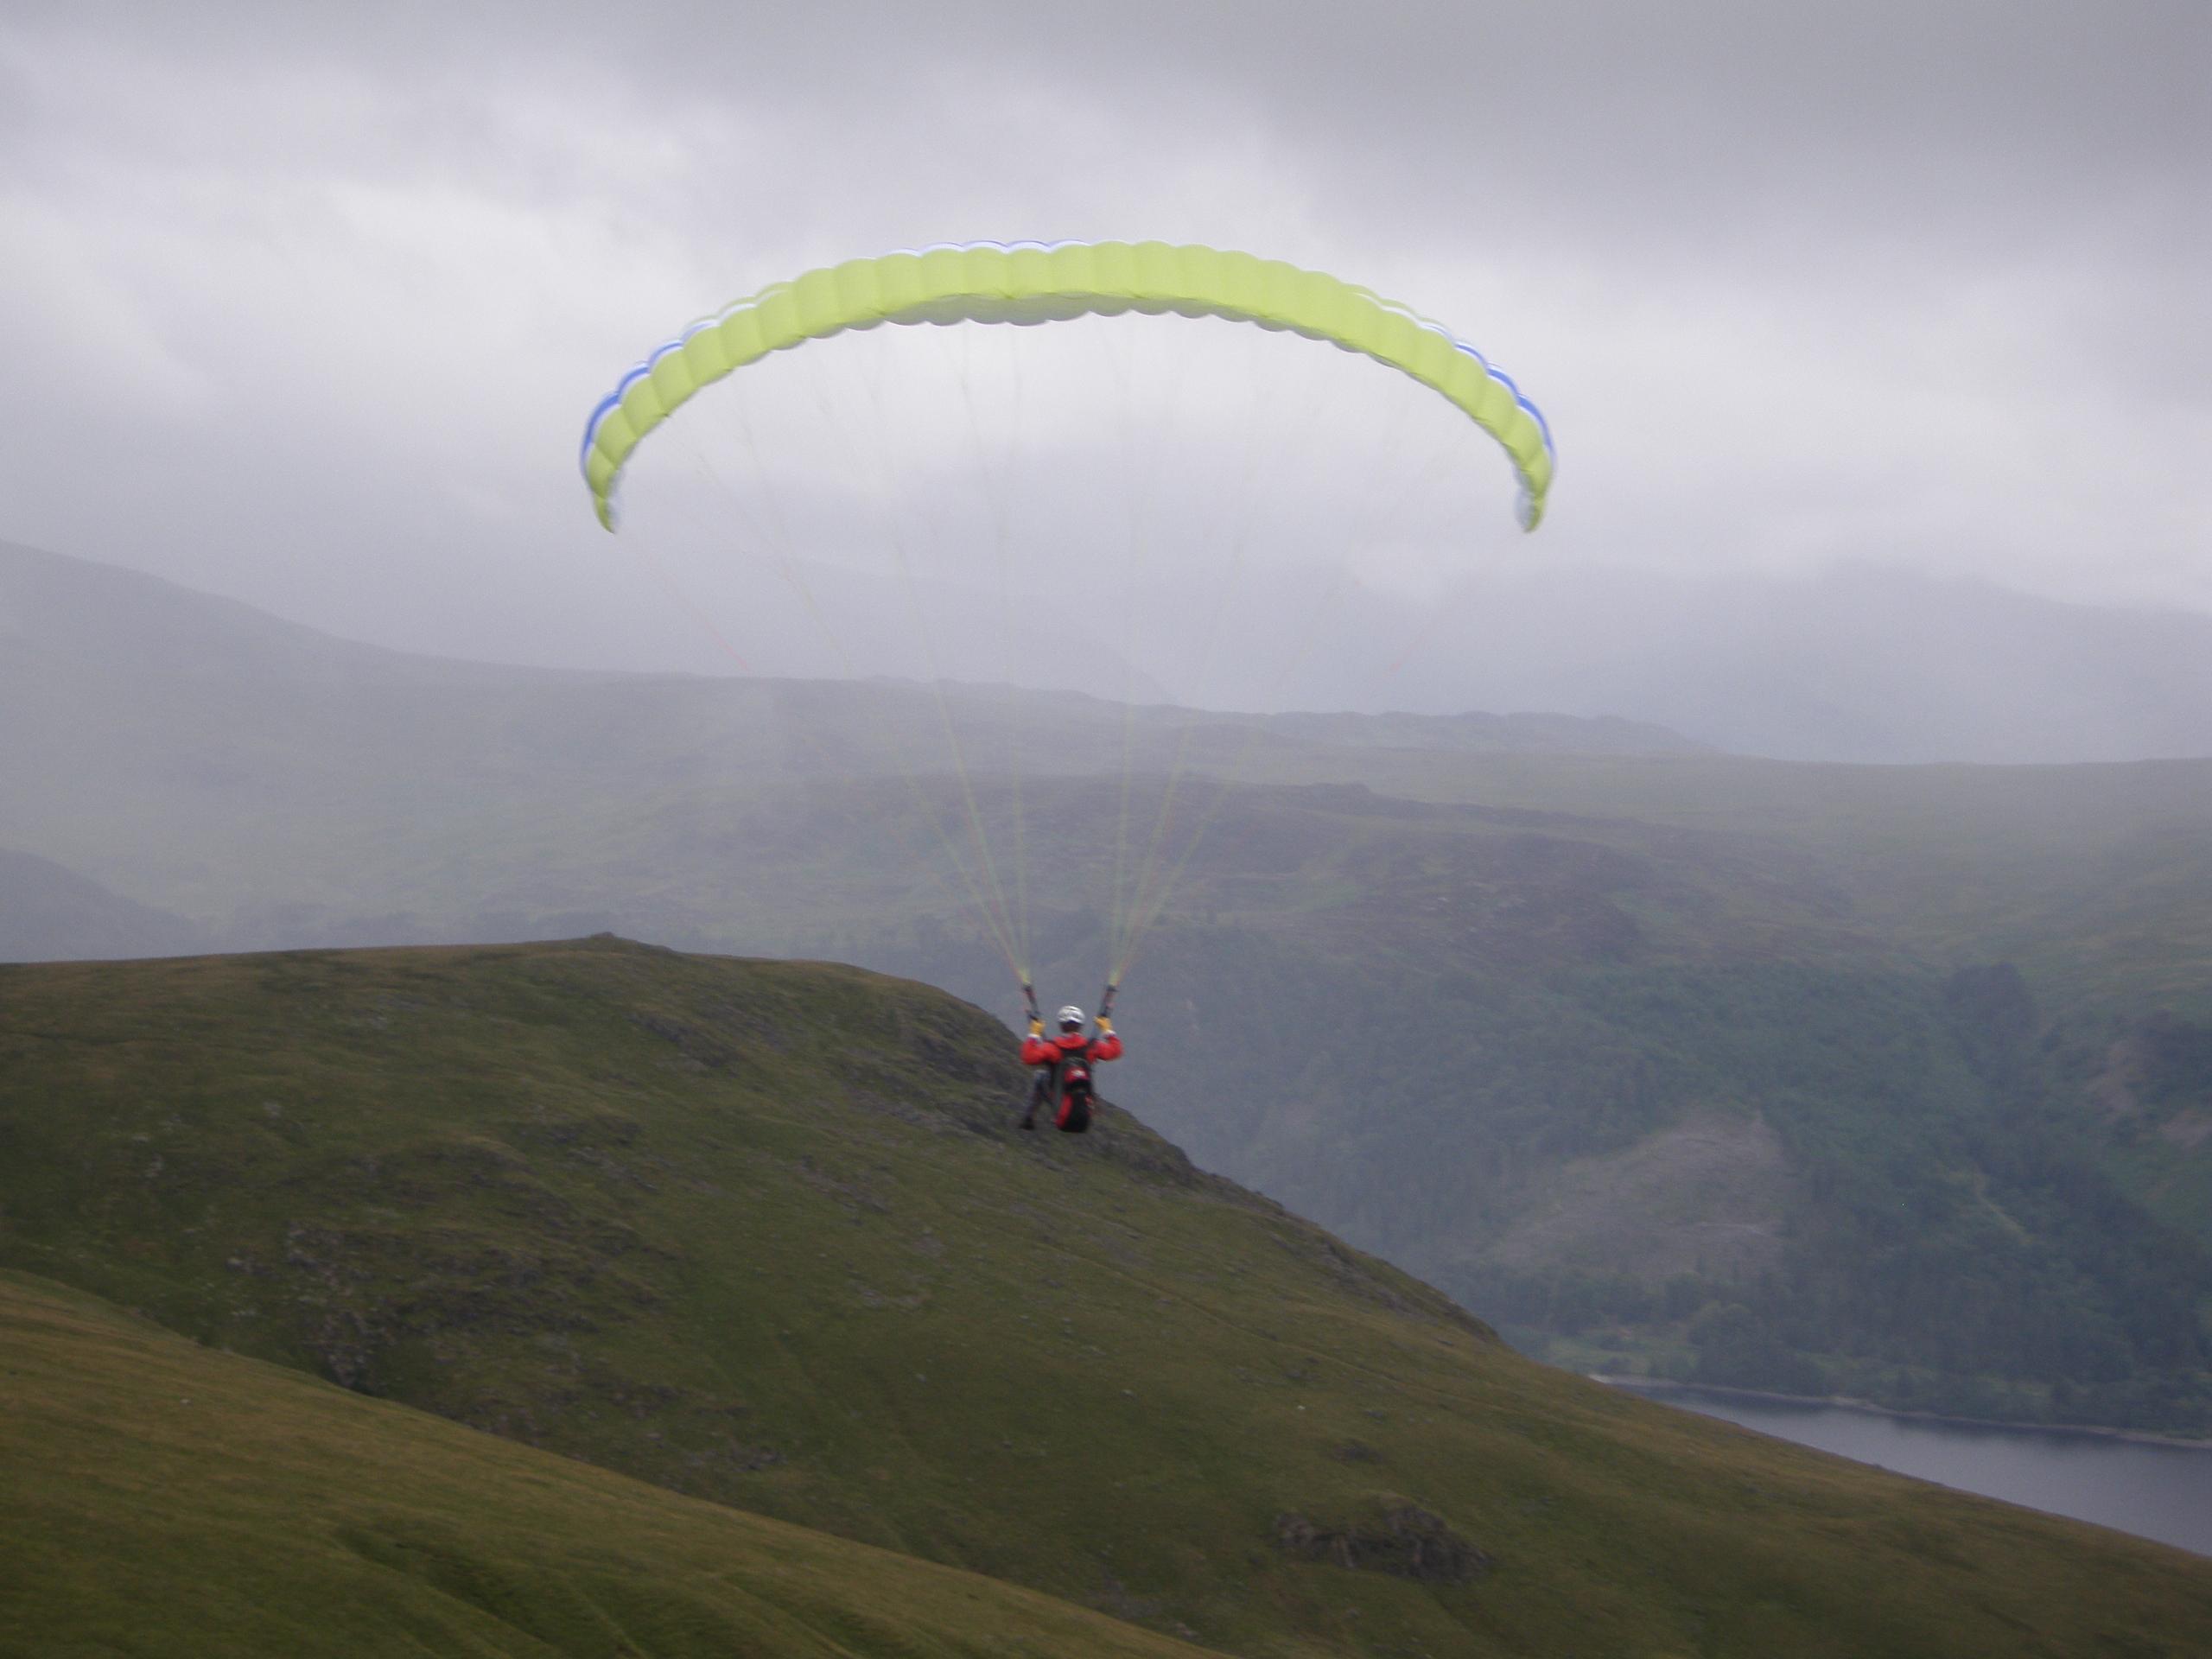 Matthew Dieumegard-Thornton Paragliding